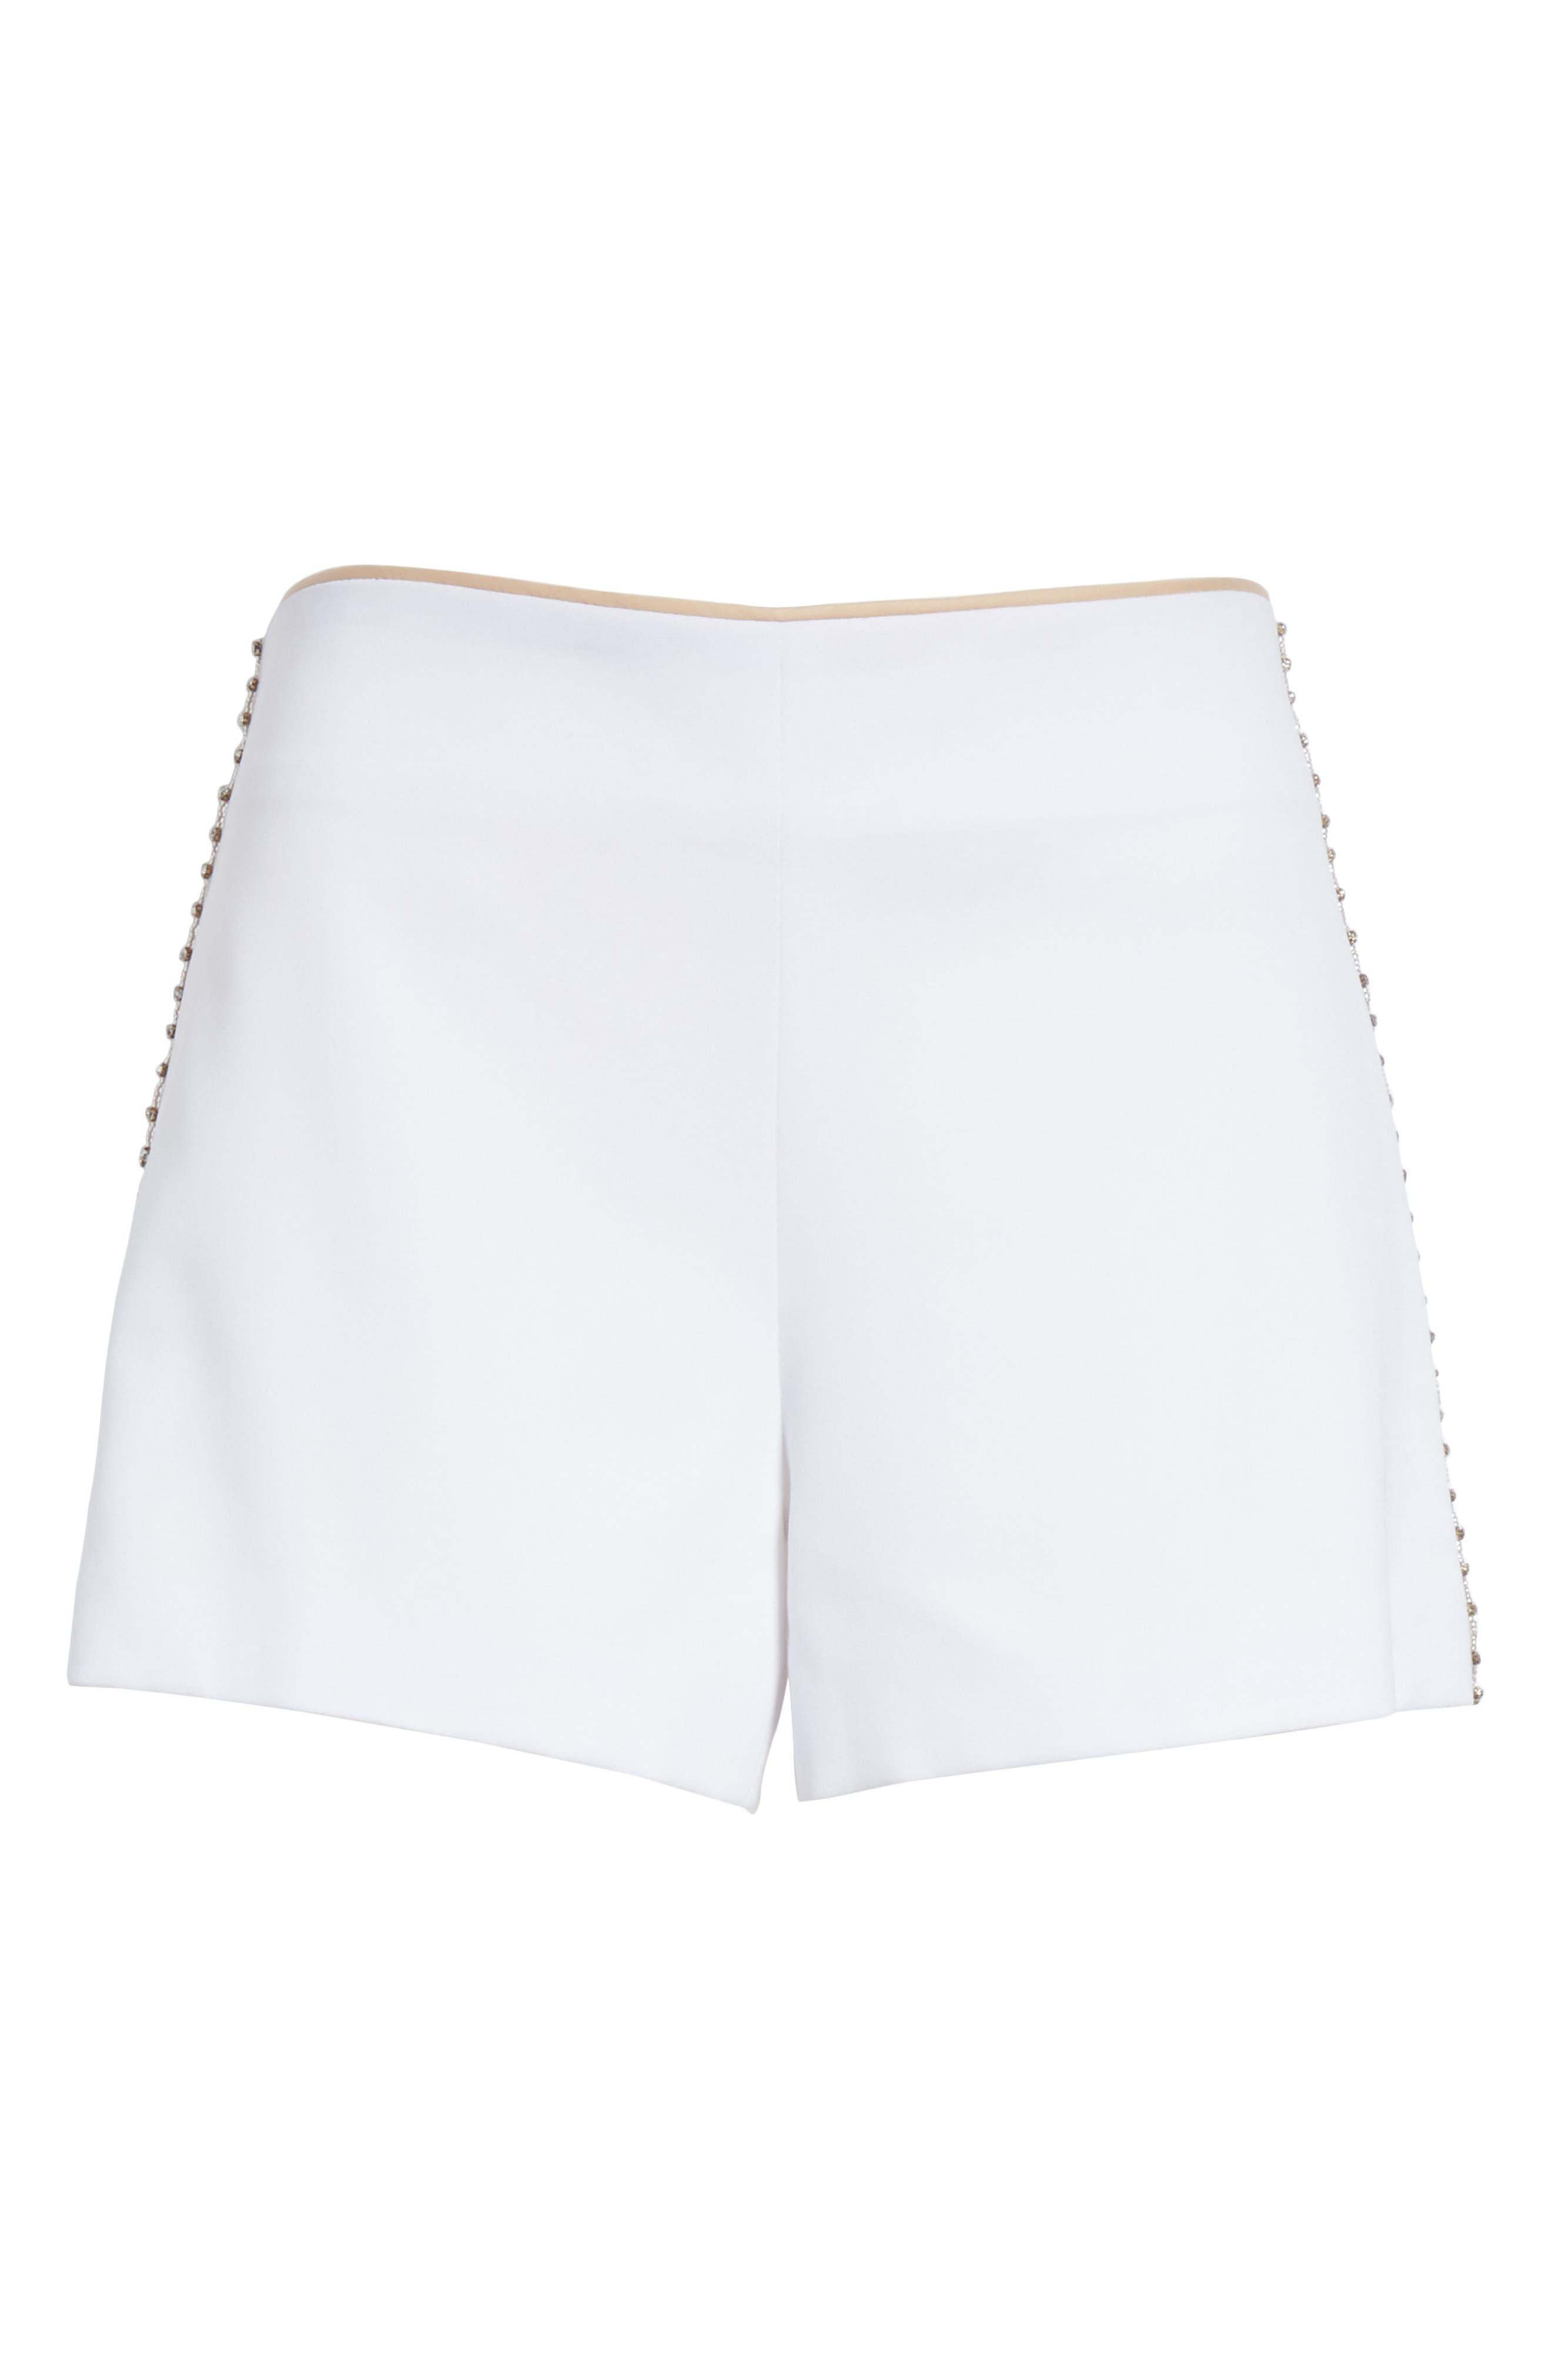 Sherri Embellished Shorts,                             Alternate thumbnail 6, color,                             100